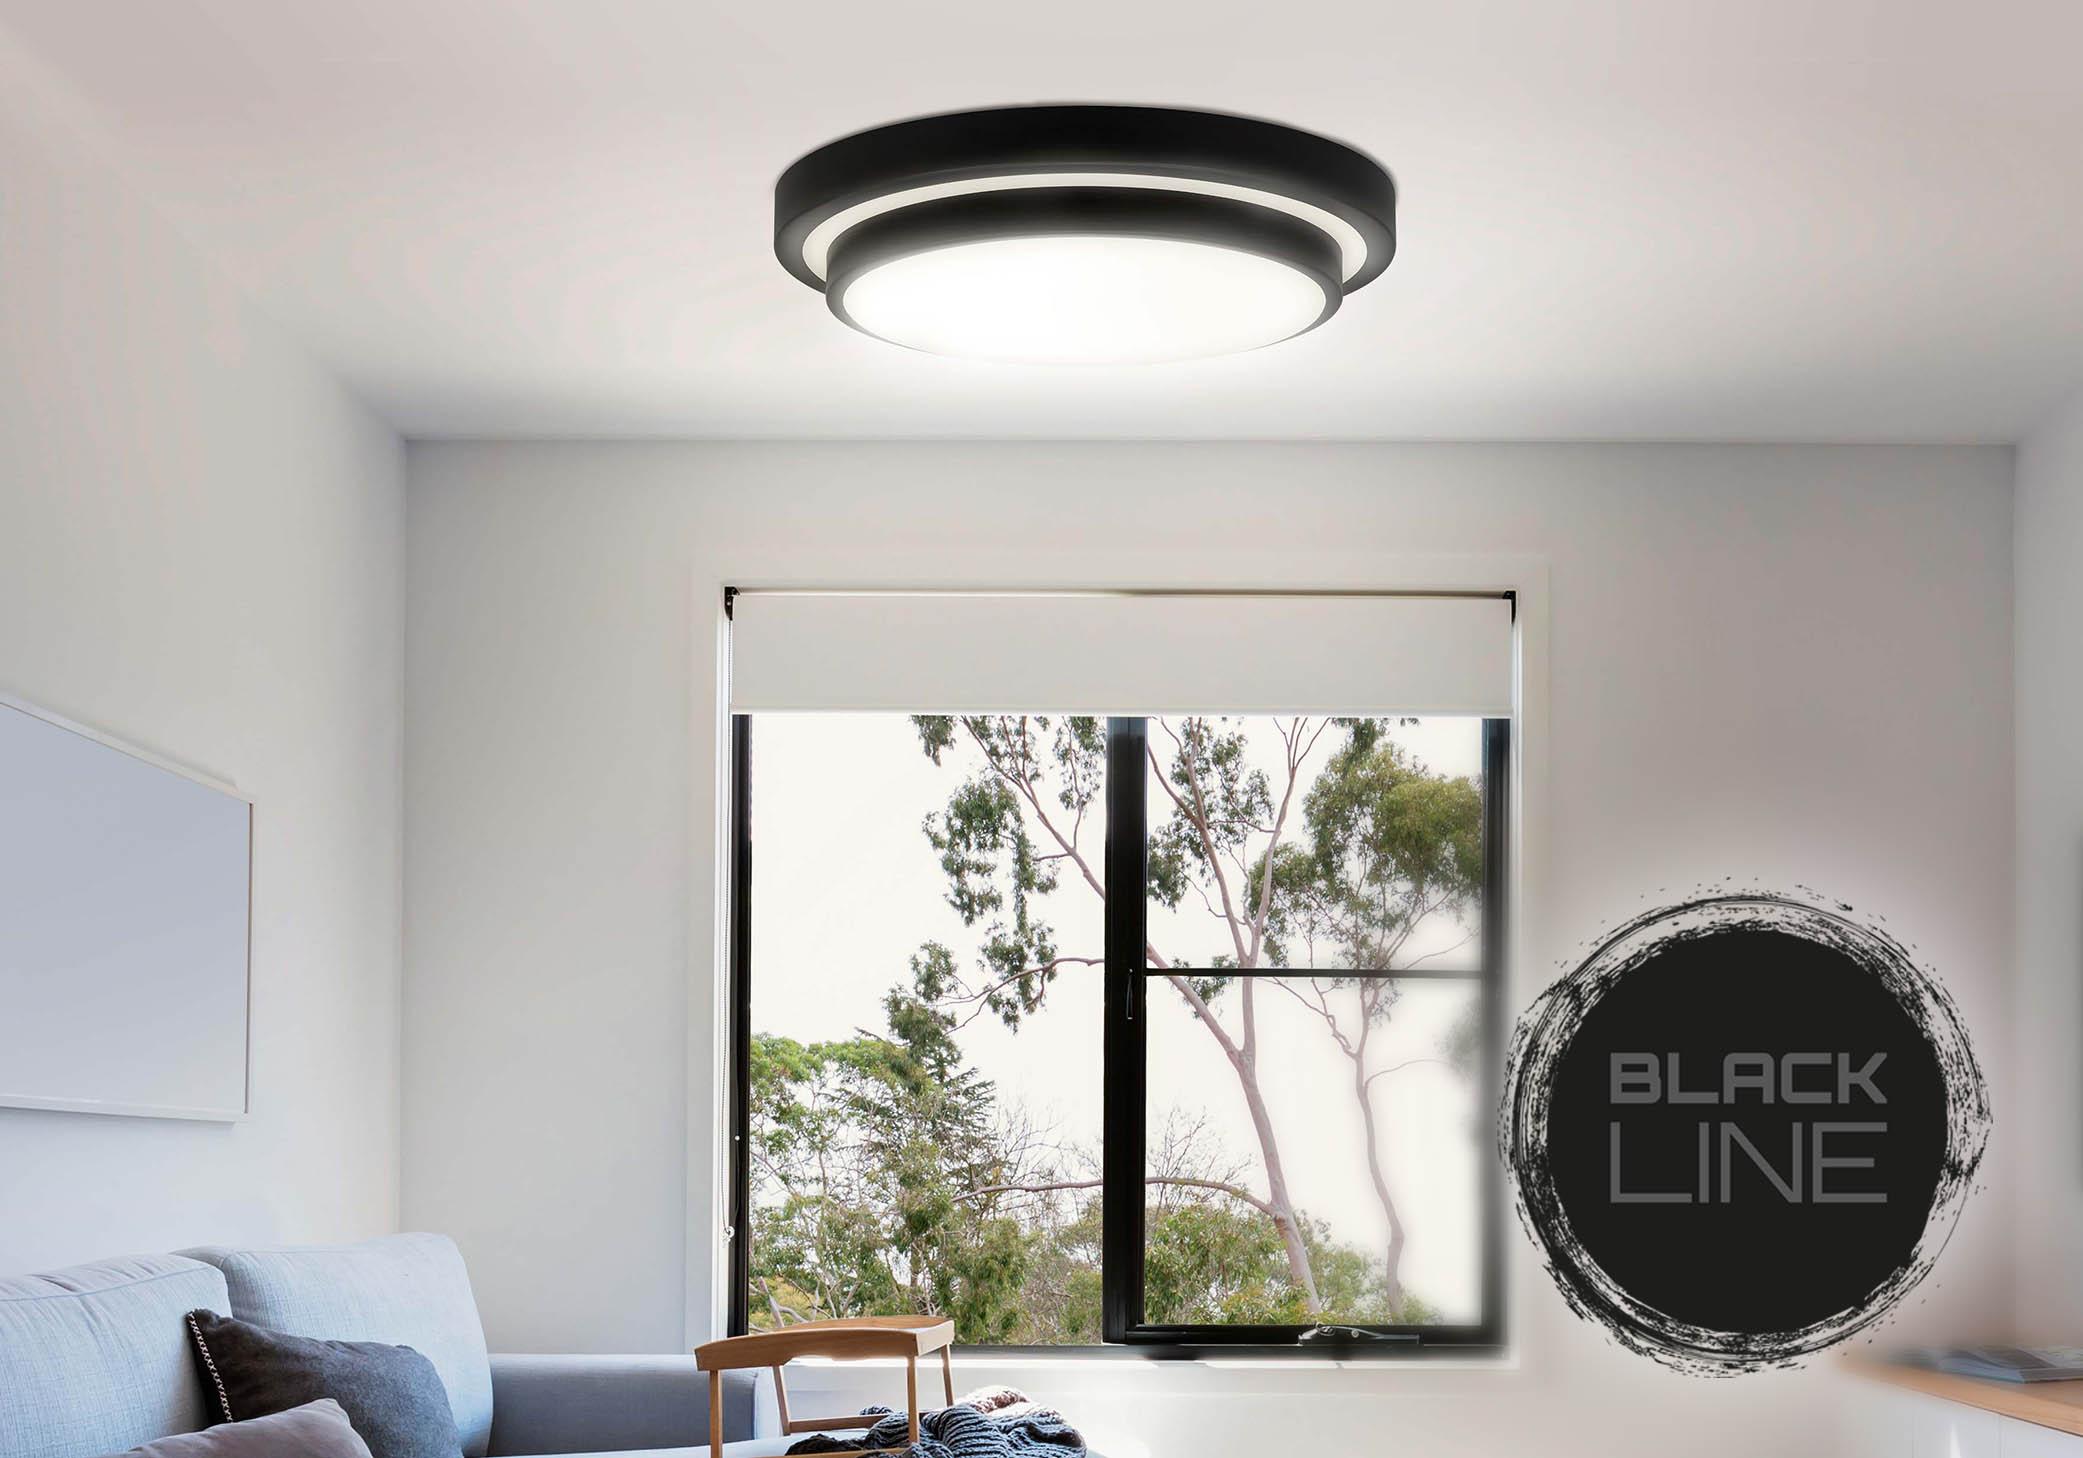 Black Line LED Deckenleuchte im Wohnzimmer